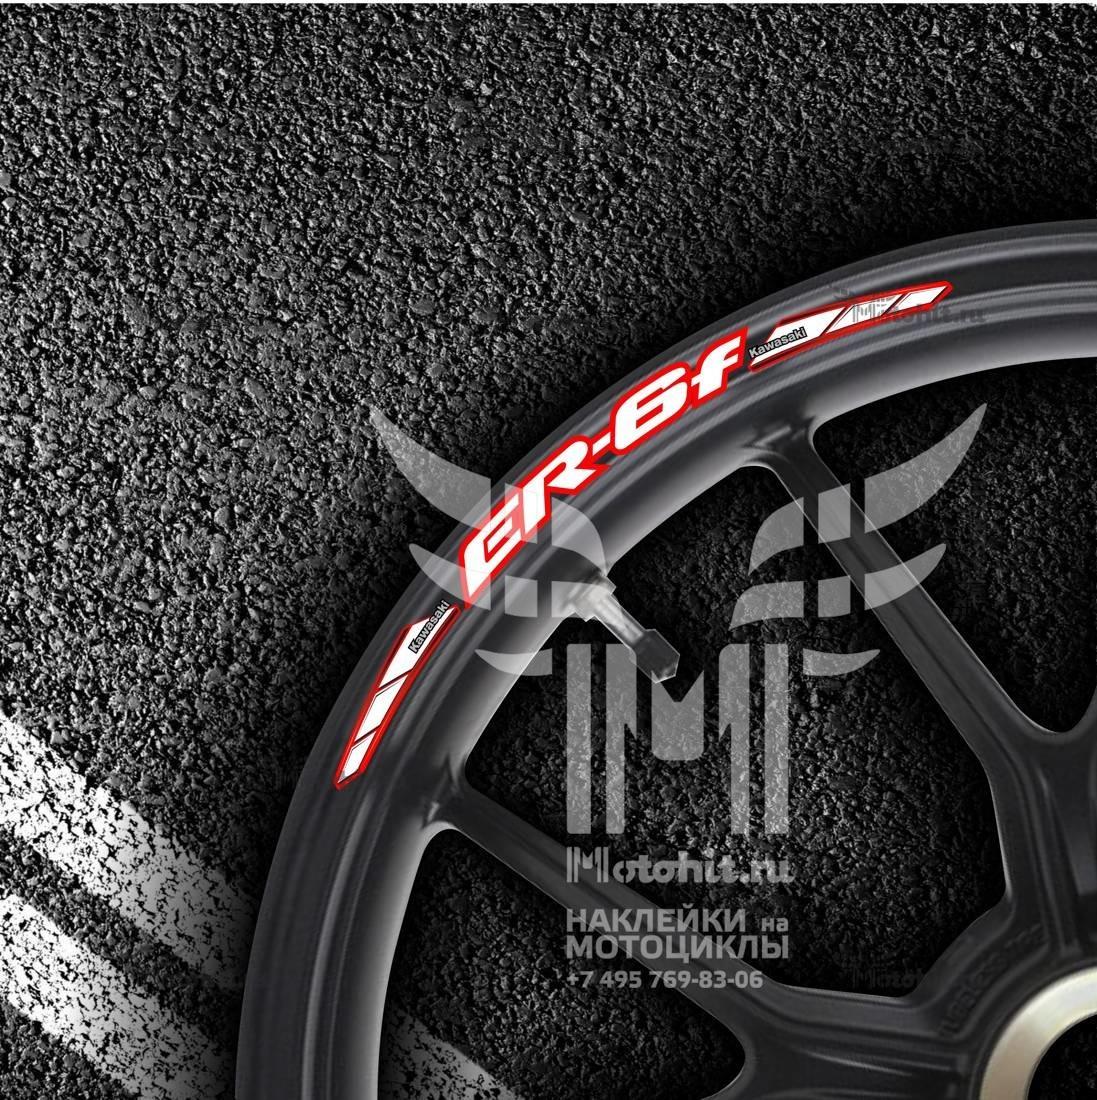 Комплект наклеек на обод колеса мотоцикла KAWASAKI ER-6f